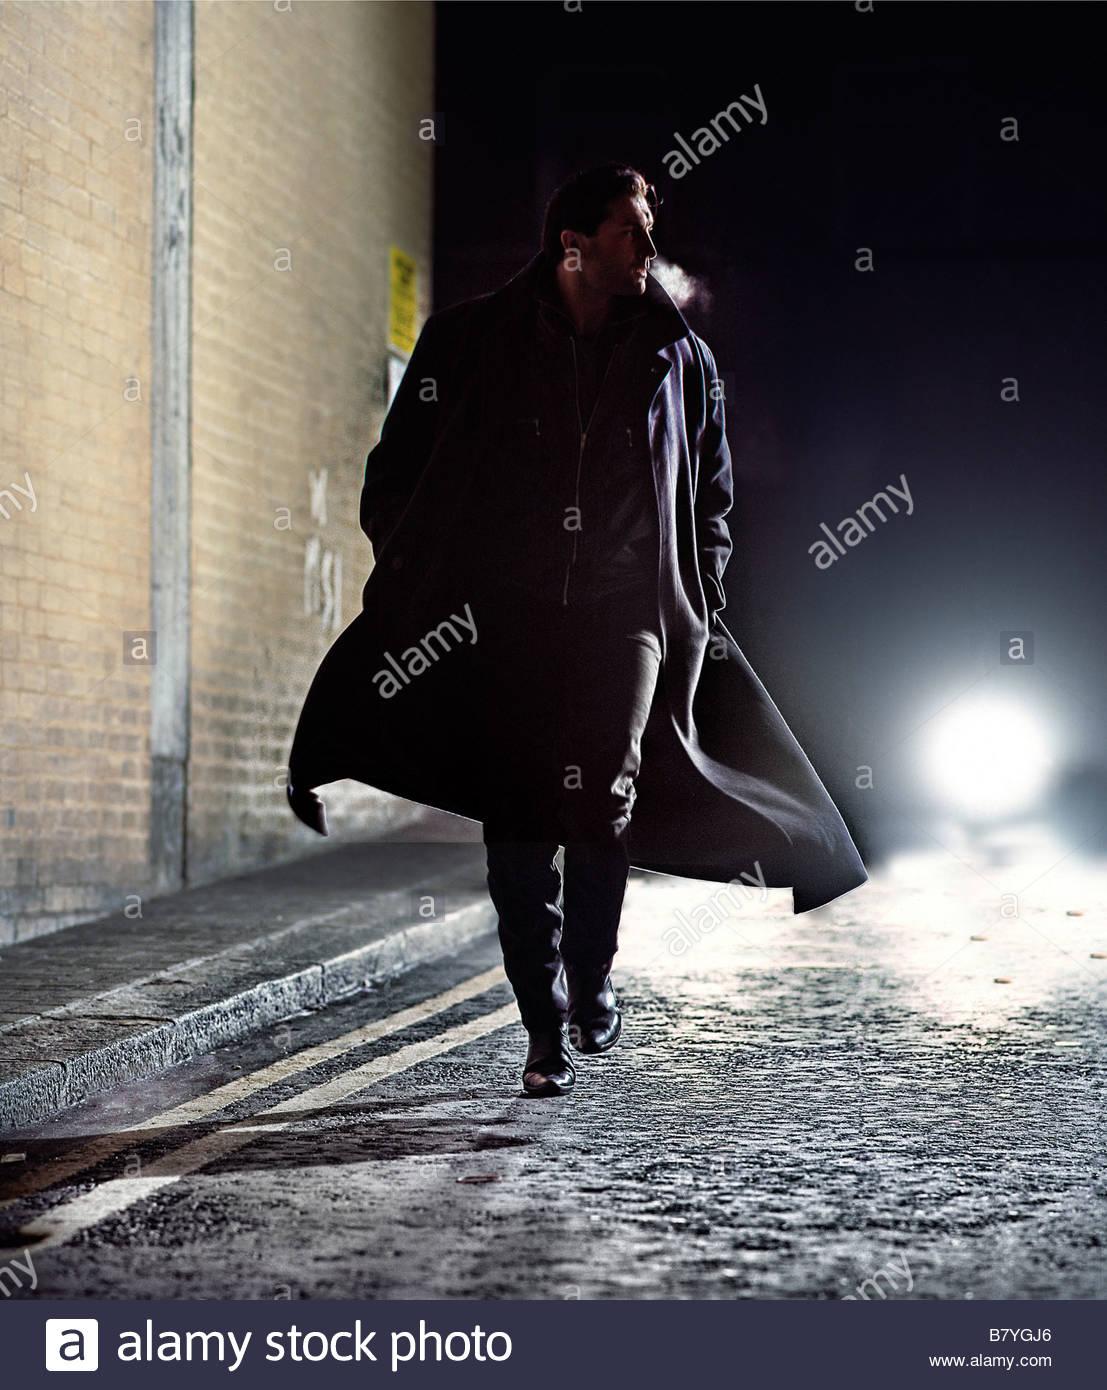 Mann im Mantel Tagfahrlicht Straße in der Nacht - Auto hinter Stockfoto